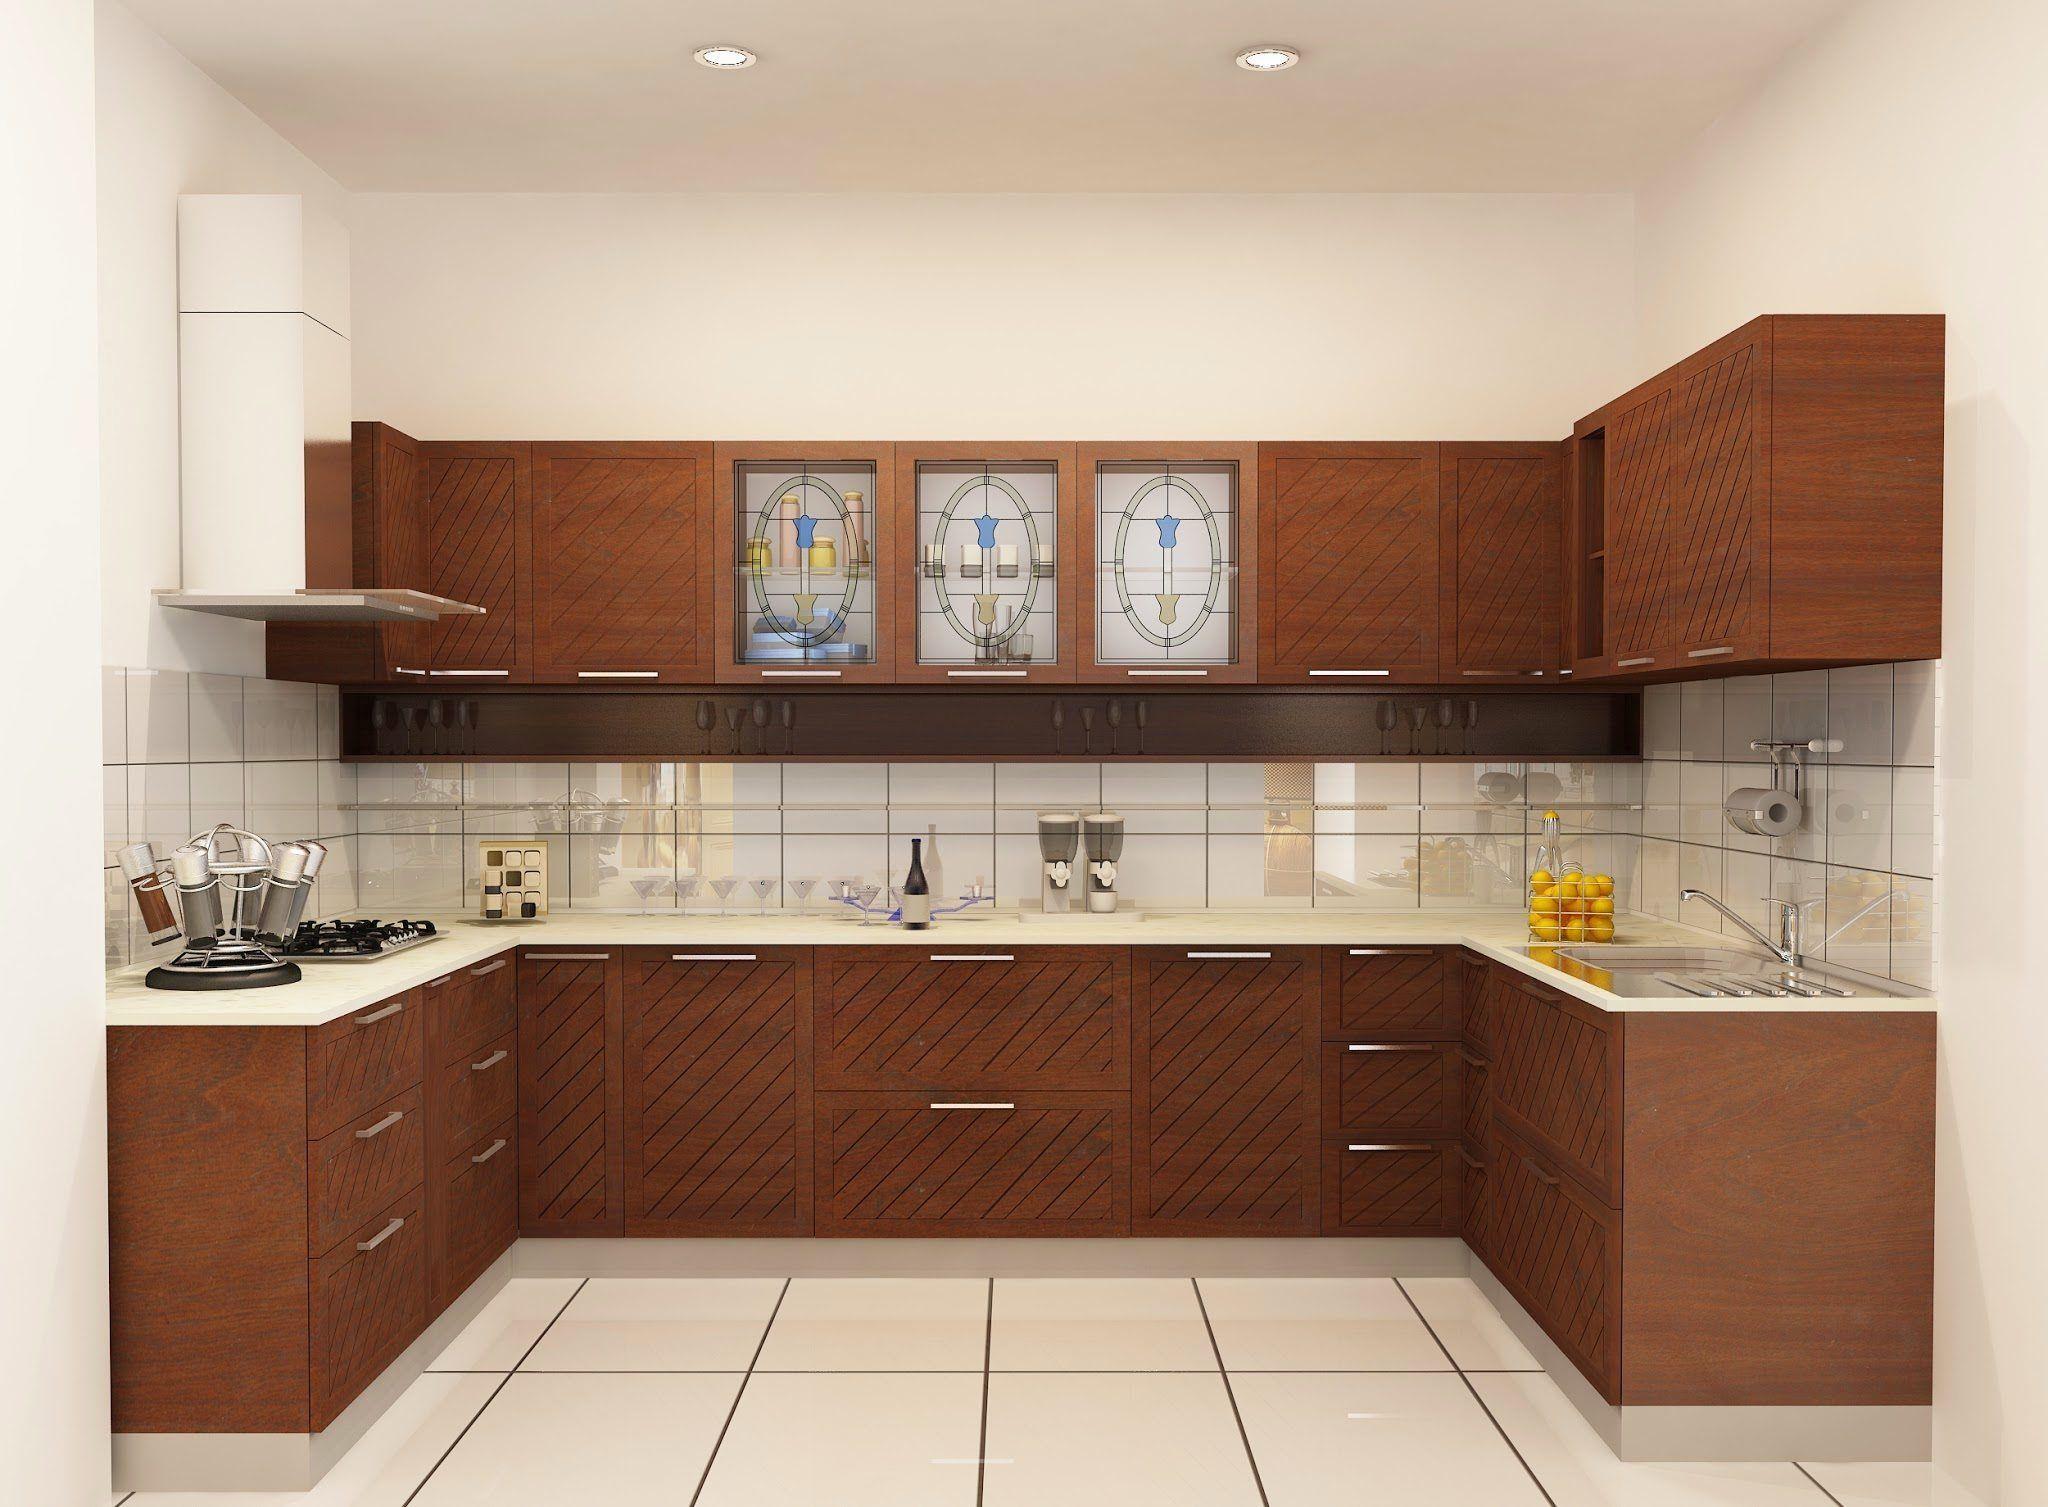 Best Interior designers in Chennai Kaytee interior